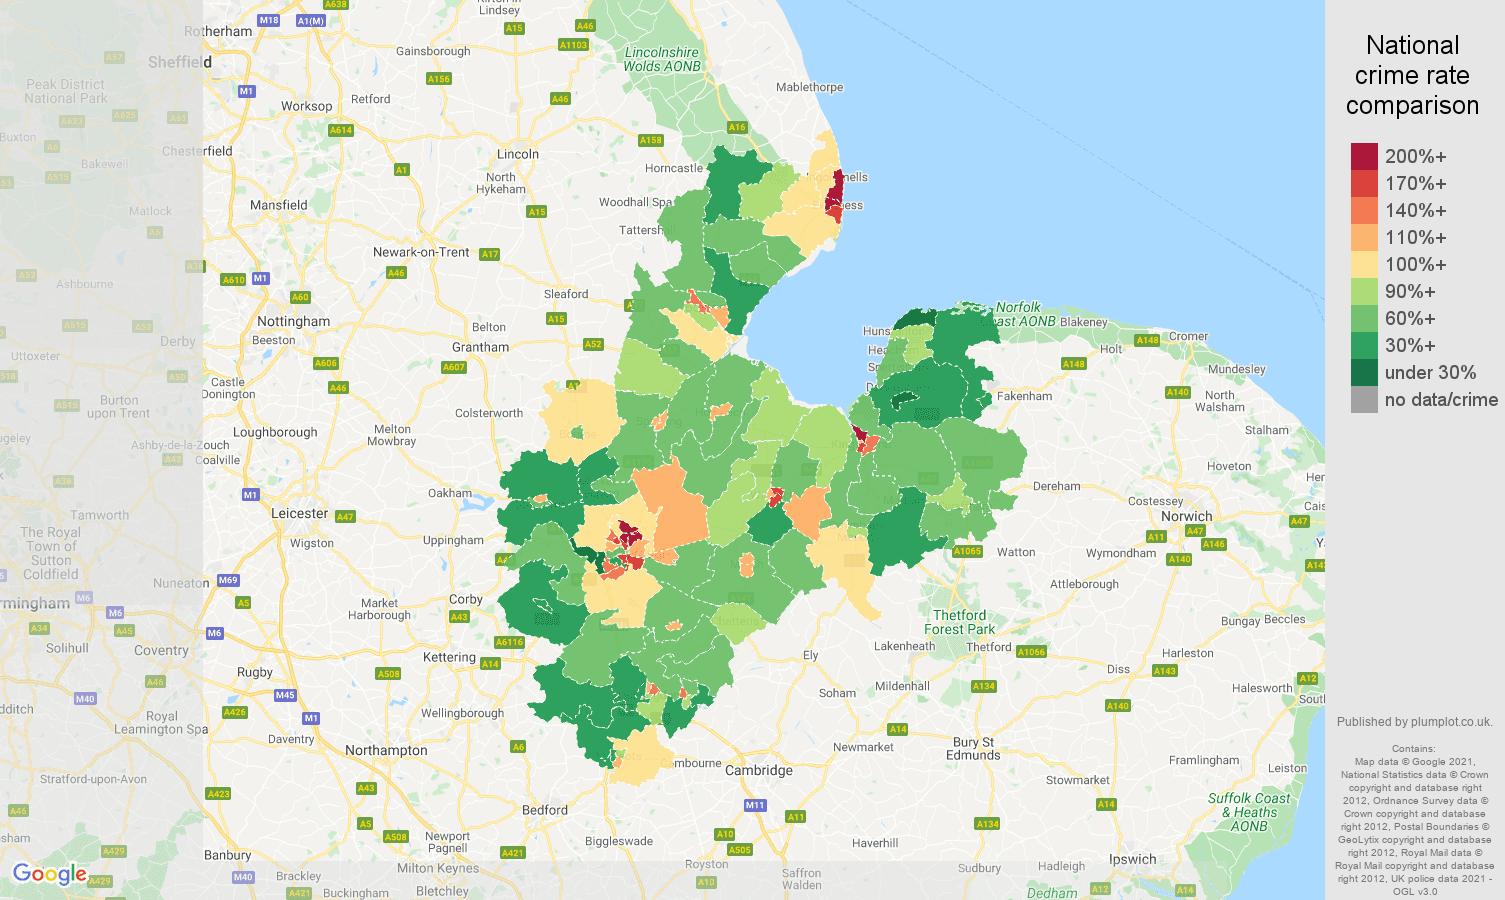 Peterborough violent crime rate comparison map